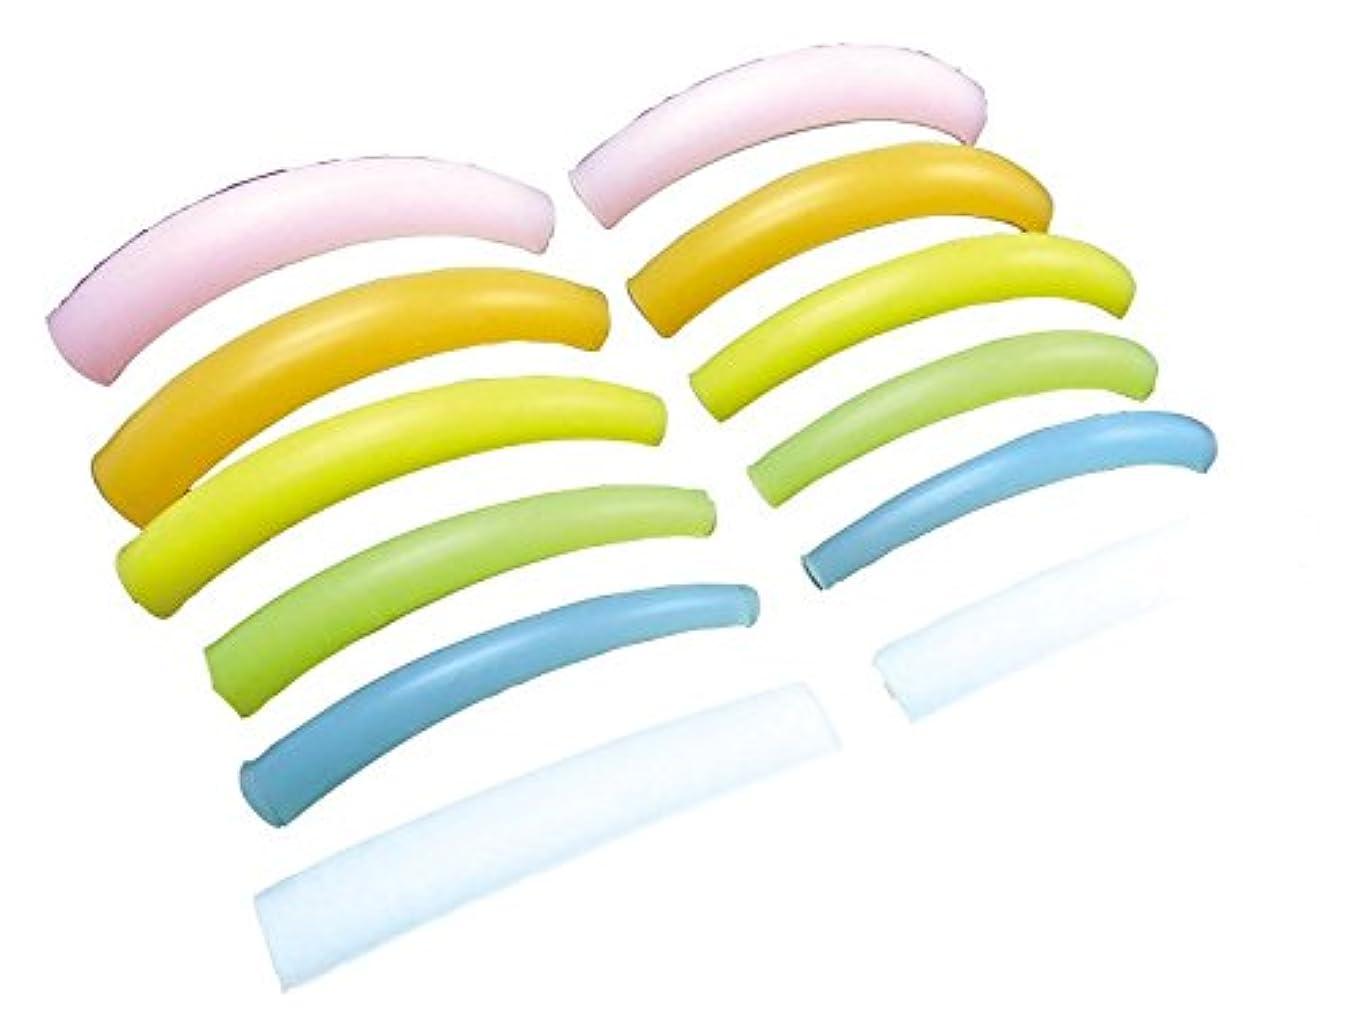 歯科医防腐剤贅沢業務用 アイメイク シリコンロット まつげ サイズフルセット 6人分12枚入り 3L、LL、L、M、S、フラット